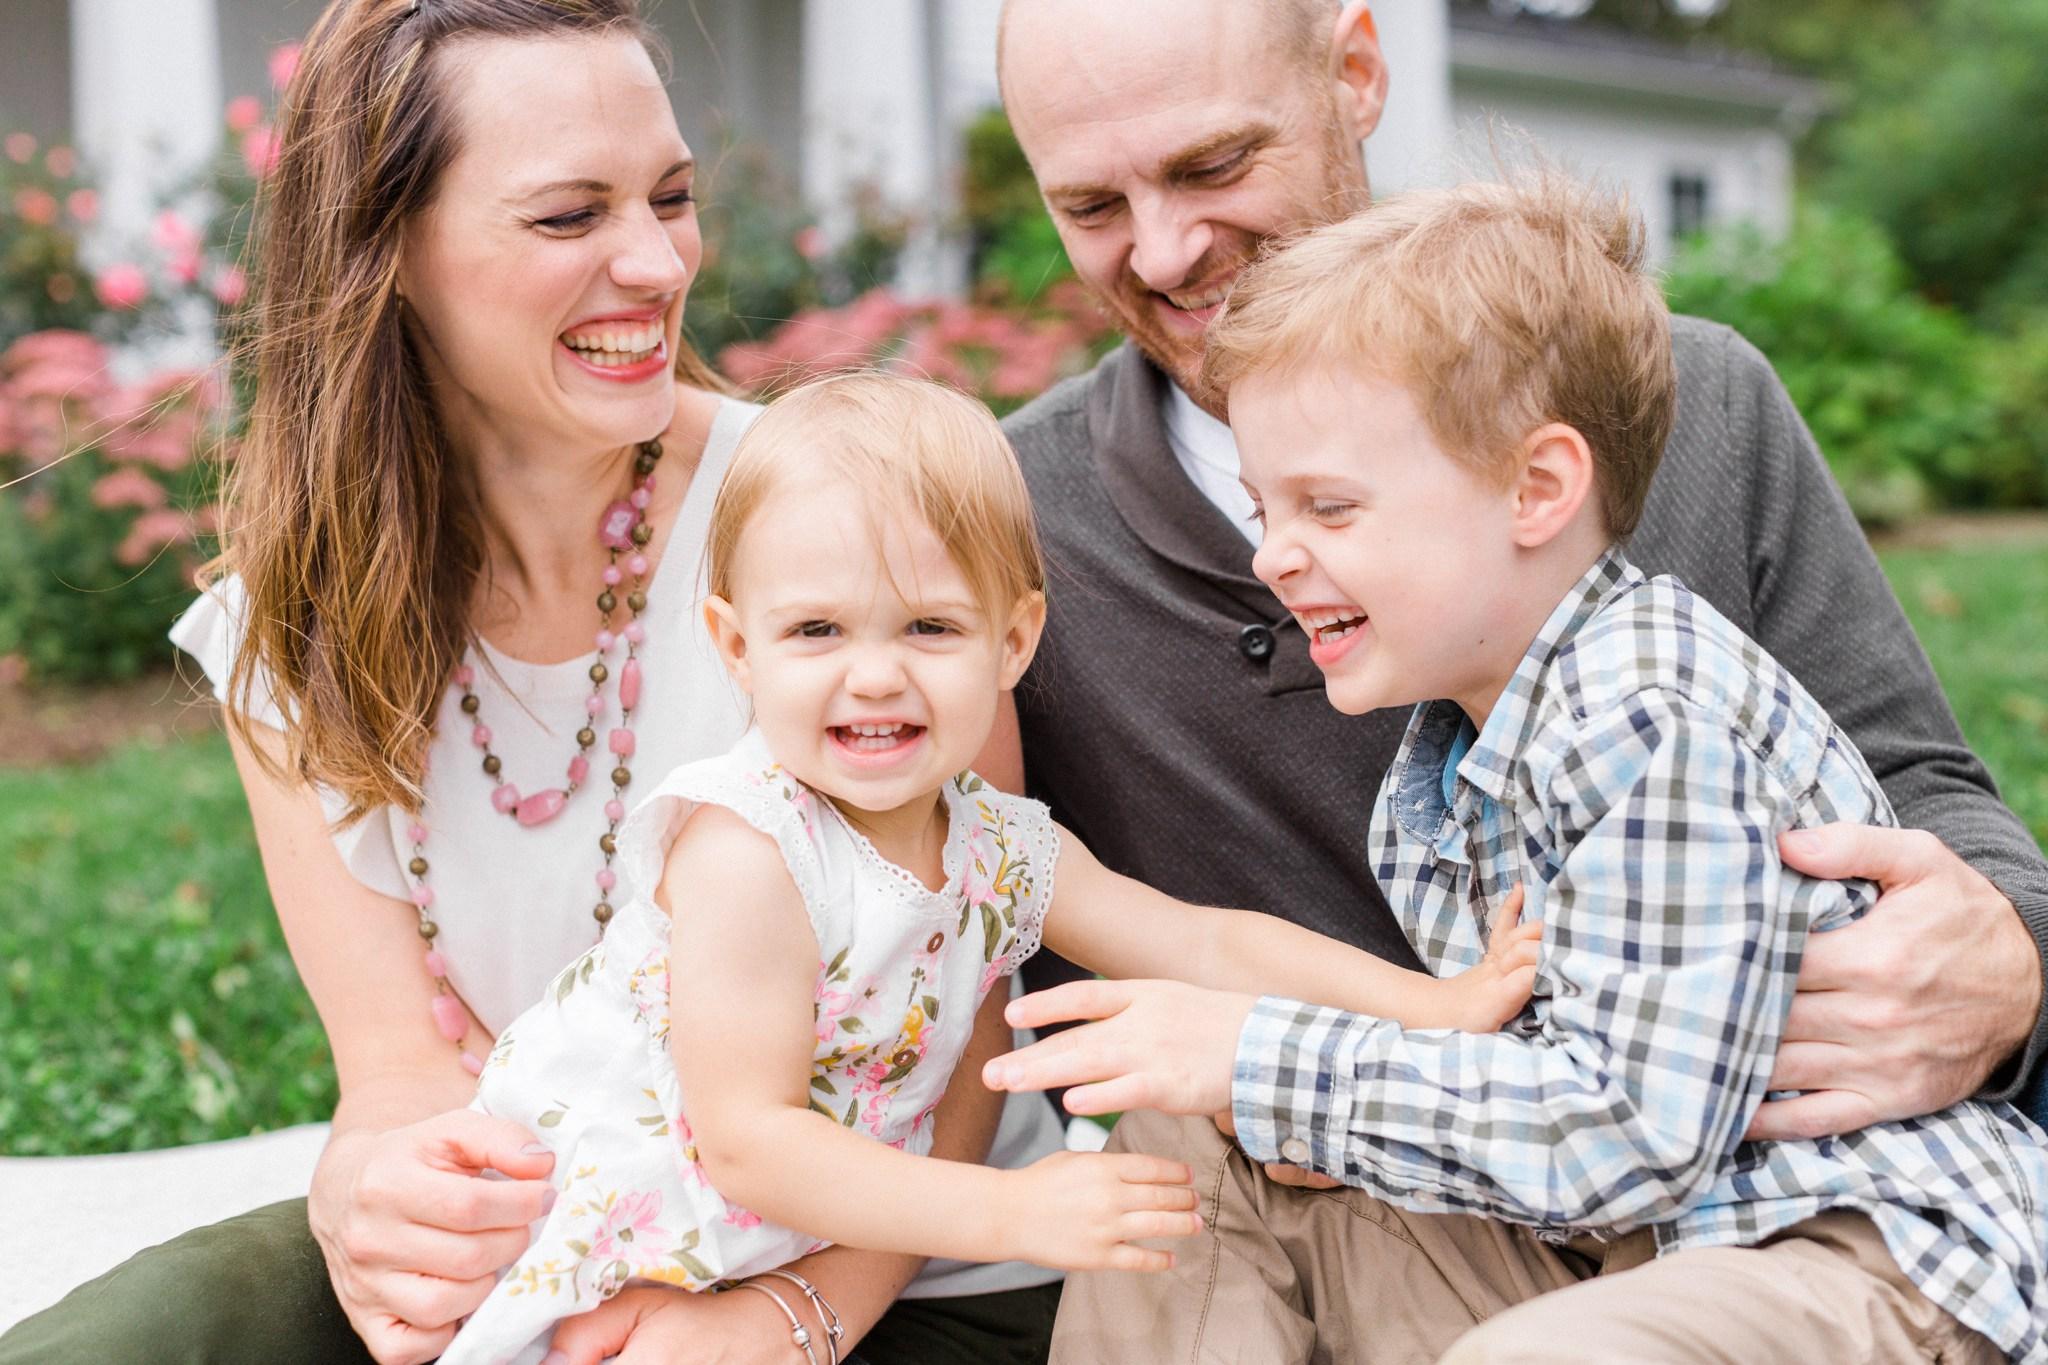 debroah_zoe_photography_family_portraits_boston_00001.JPG